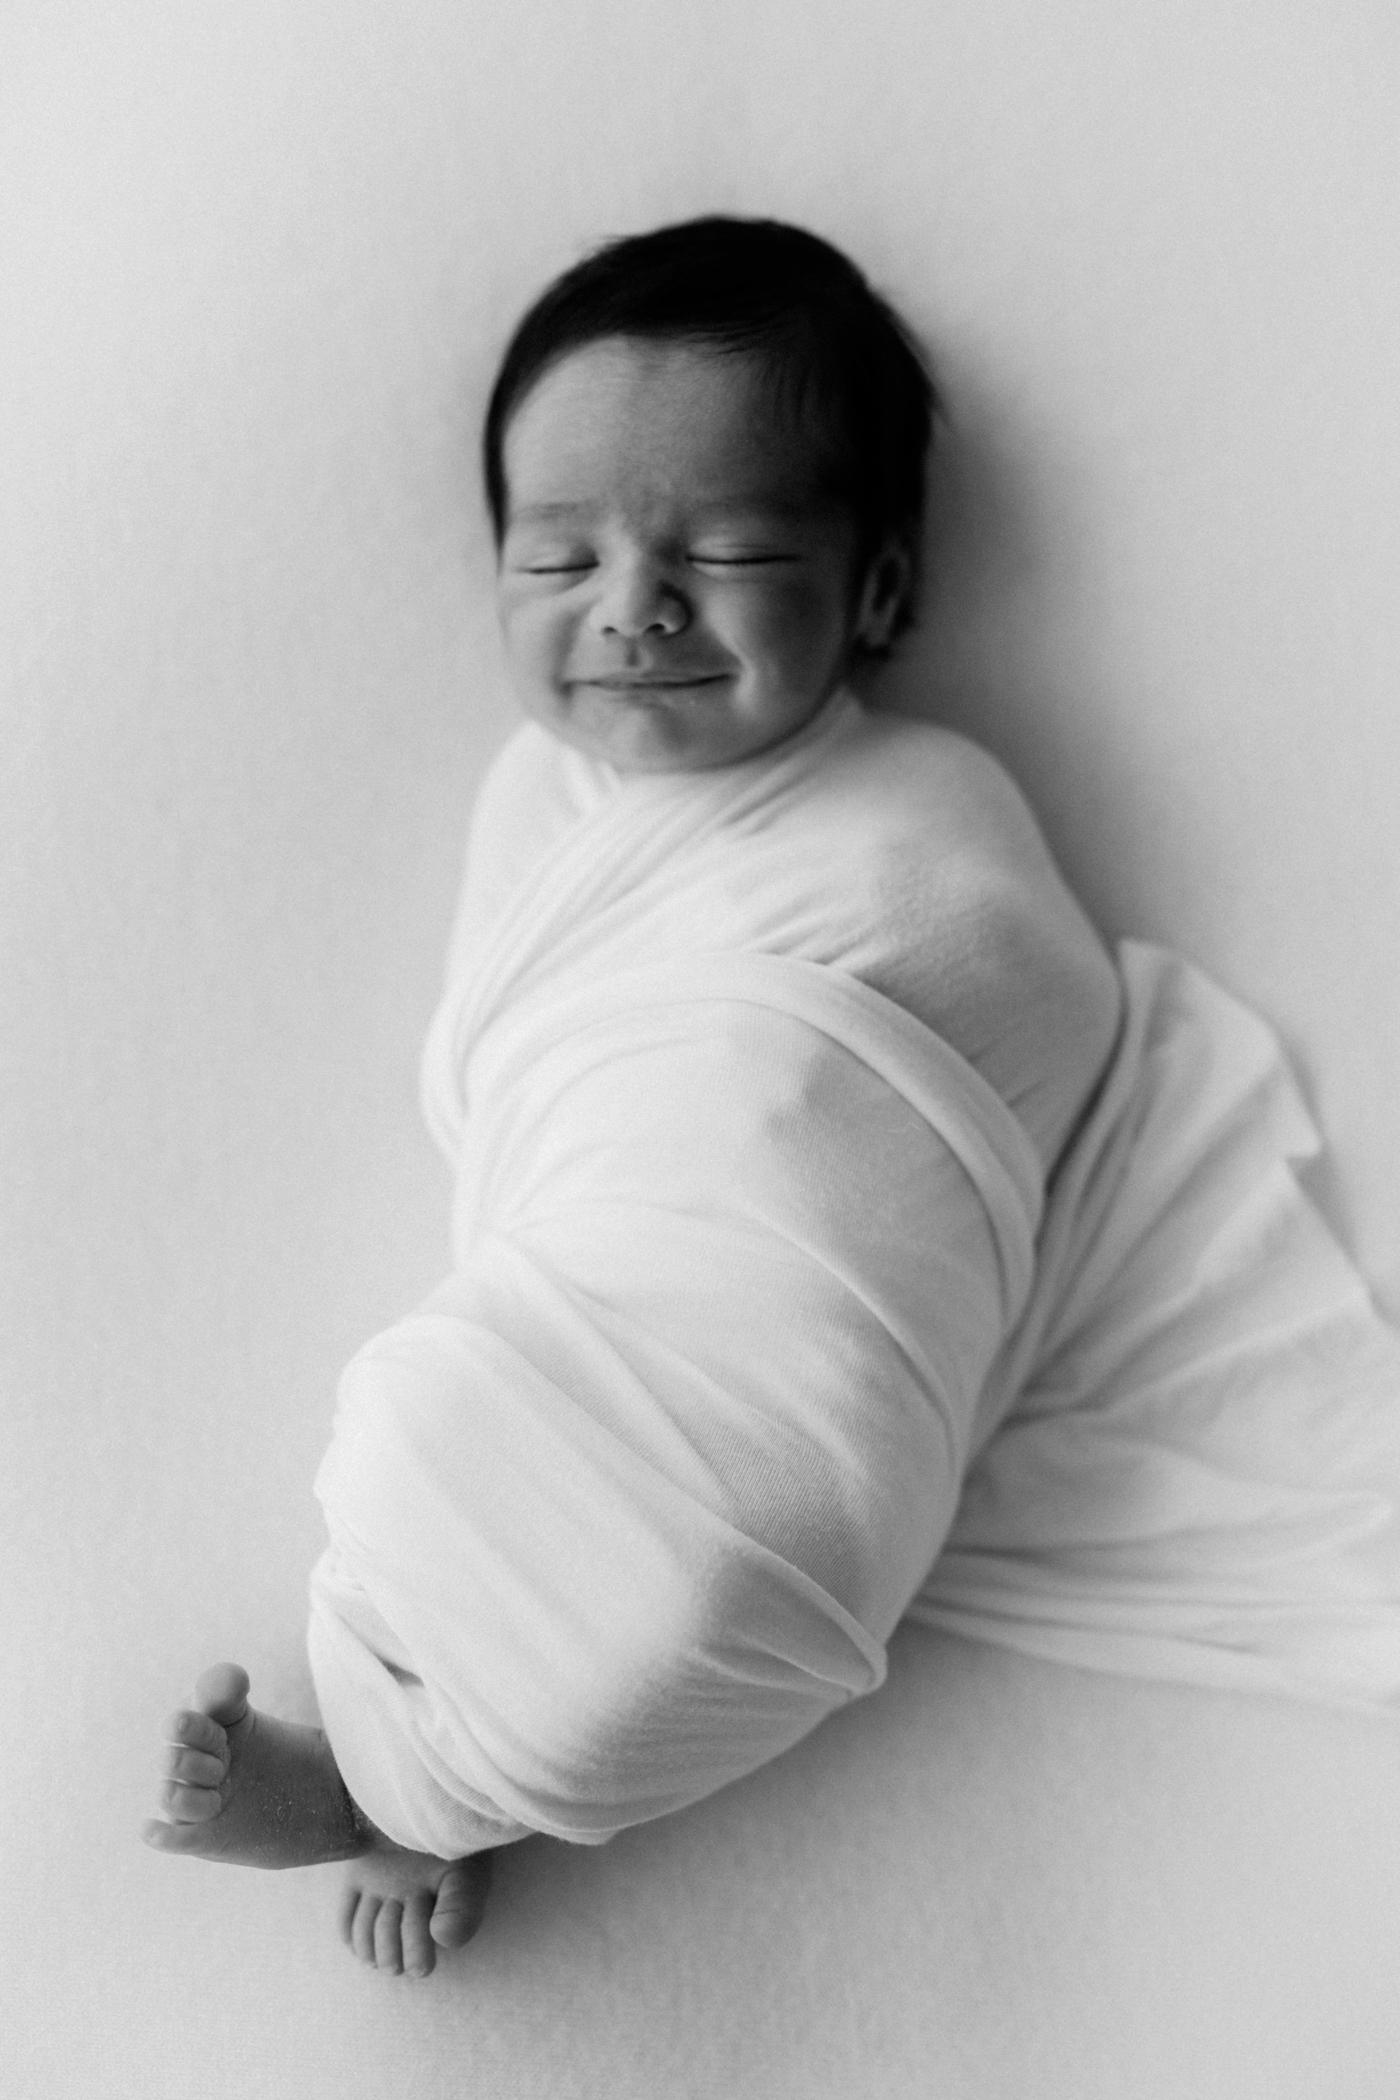 Baby Willa - Natural light newborn photographer in Adelaide - Natural newborn photography in Adelaide - Simple newborn photography - Katherine Schultz - www.katherineschultzphotography.com 11